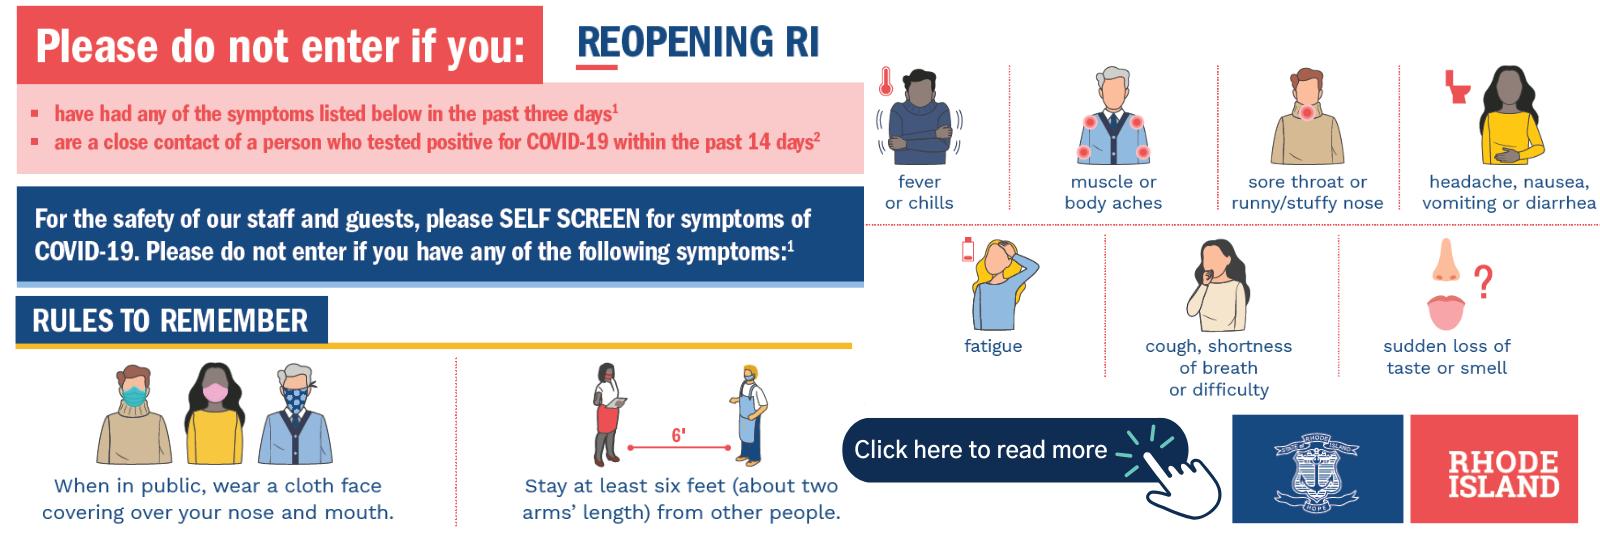 ReOpening-RI-Scrolling-Image-on-Web.png